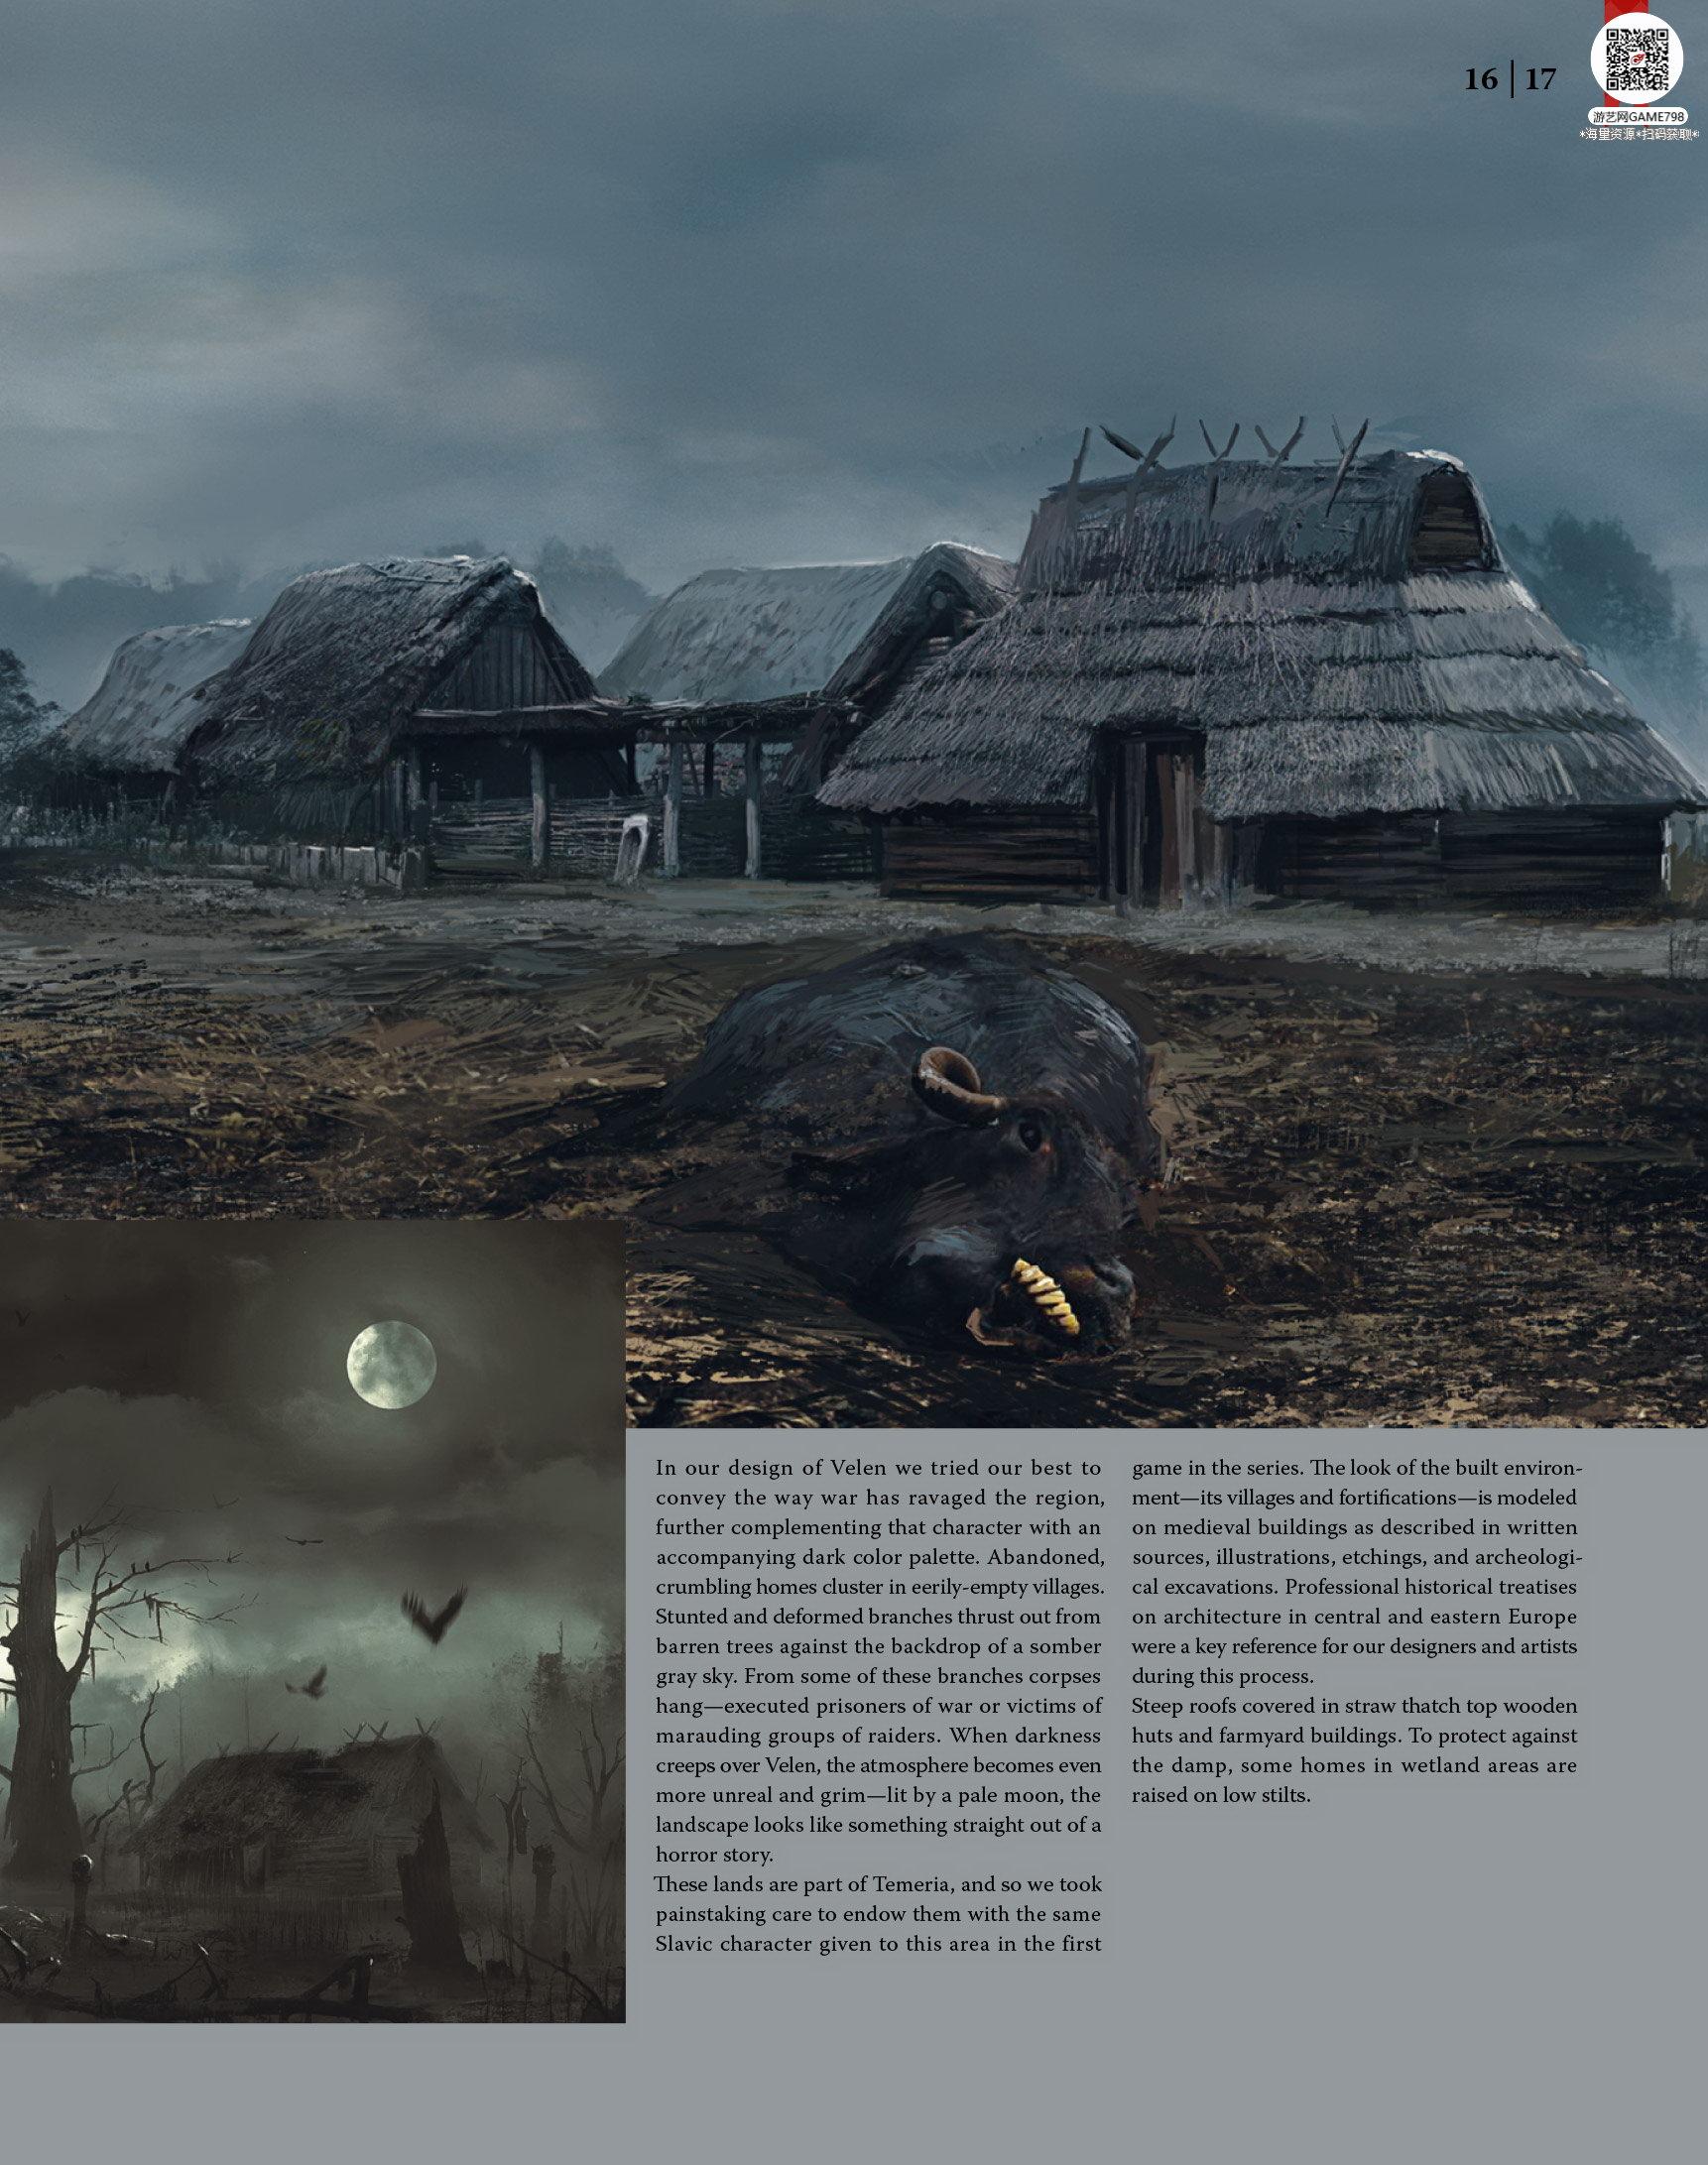 018_关注游艺网公众号获海量资源_次世代游戏巫师3(Witcher)官方原画概念设定.jpg